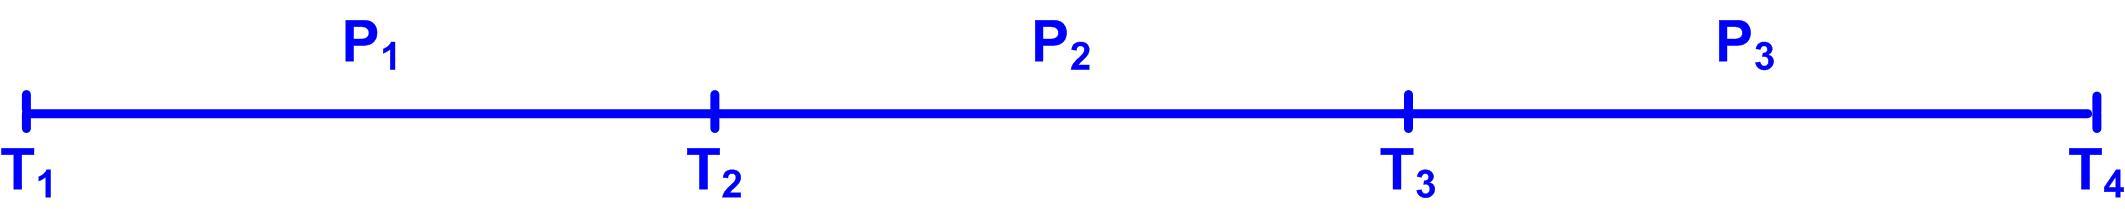 Gráfico 35 ejemplo práctico considerando cuatro periodos 02122015 Escala tiempo ejemplo